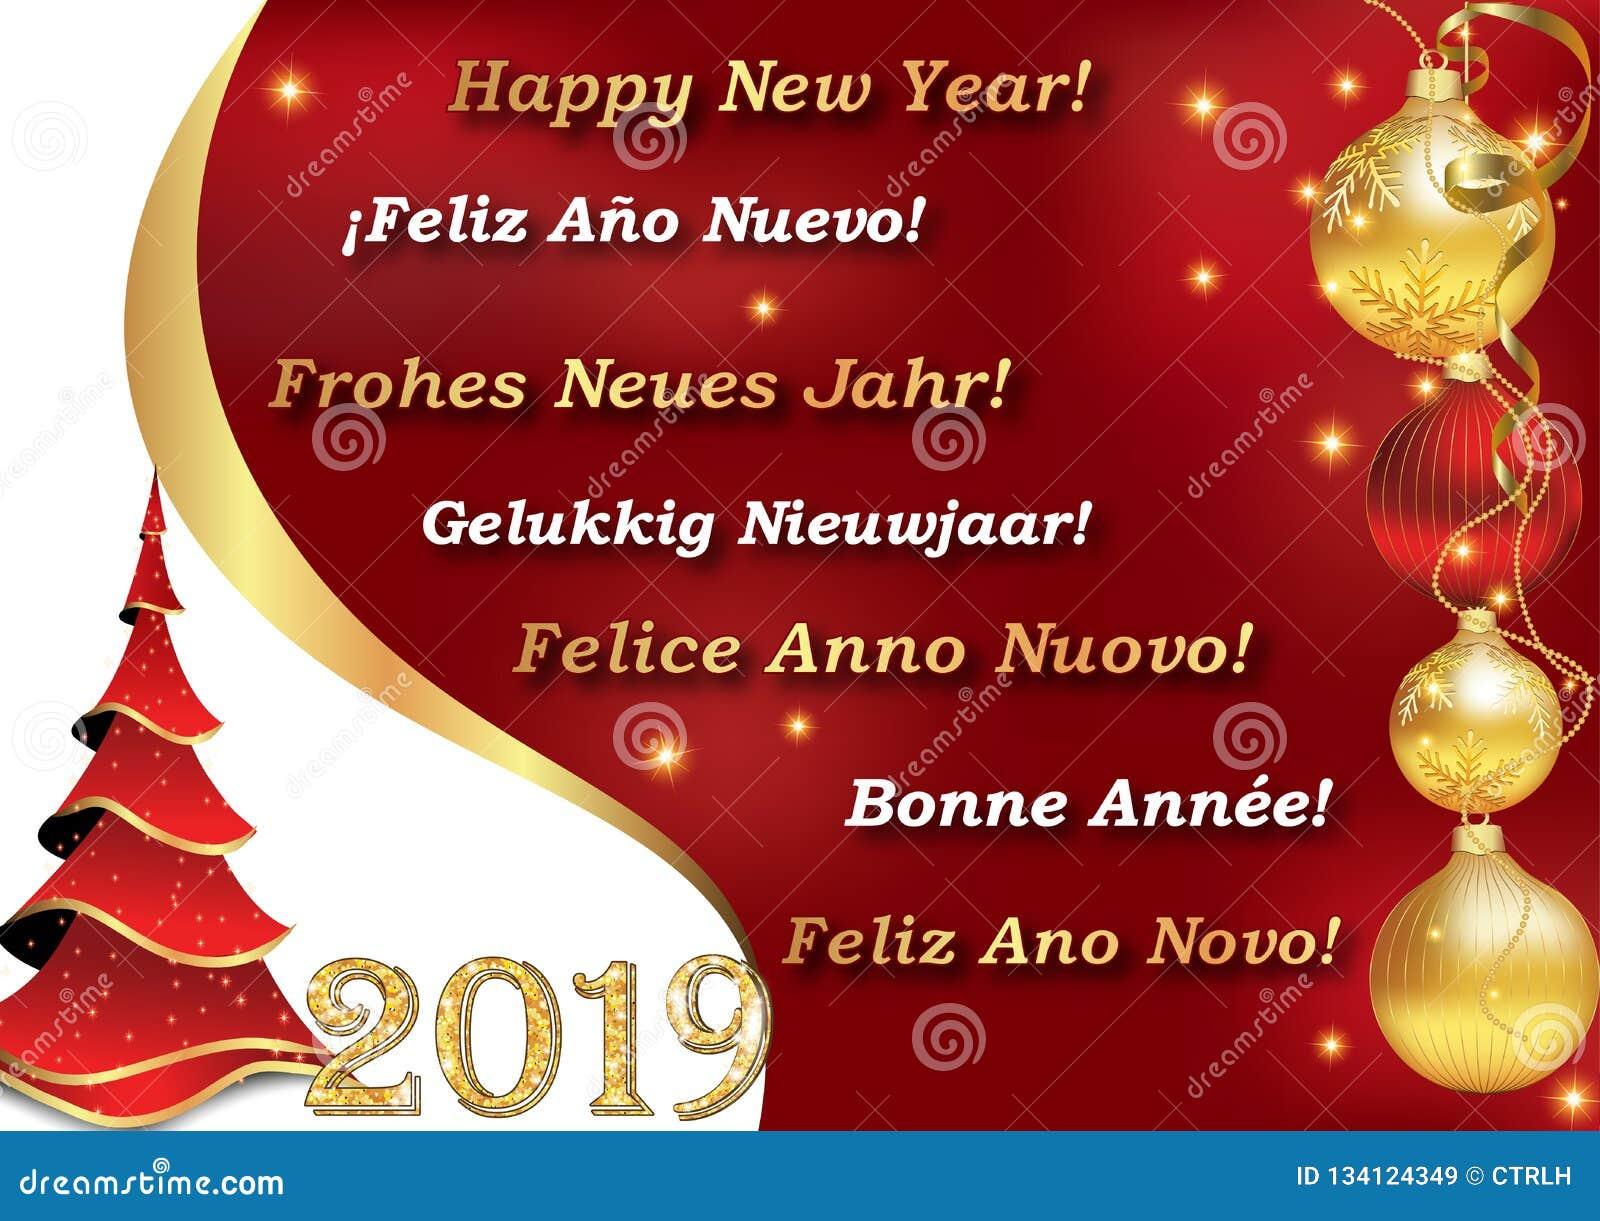 Szczęśliwy nowy rok 2019 - pisać w 7 językach